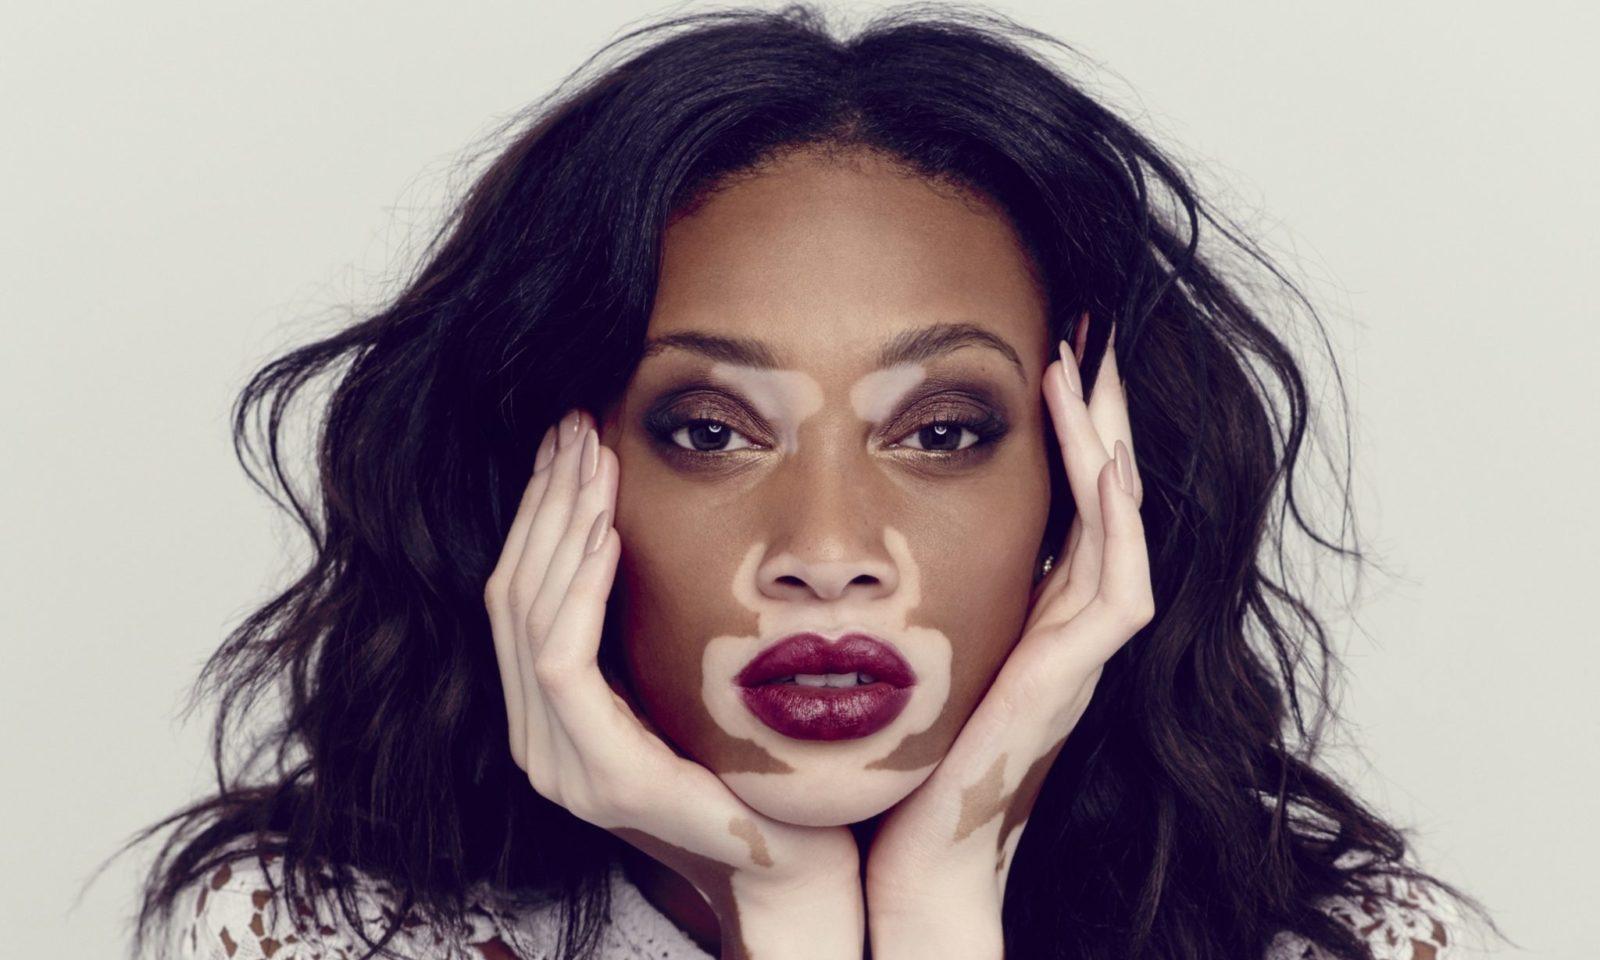 Fotografia portretowa, kolorowa. Na zdjęciu widać czarnoskórą modelkę chorującą na bielactwo. Na jej twarzy widać białe plamy w okolicy ust, pod brwiami oraz na dłoniach, którymi podpiera brodę. Modelka ma ciemne włosy do ramion.